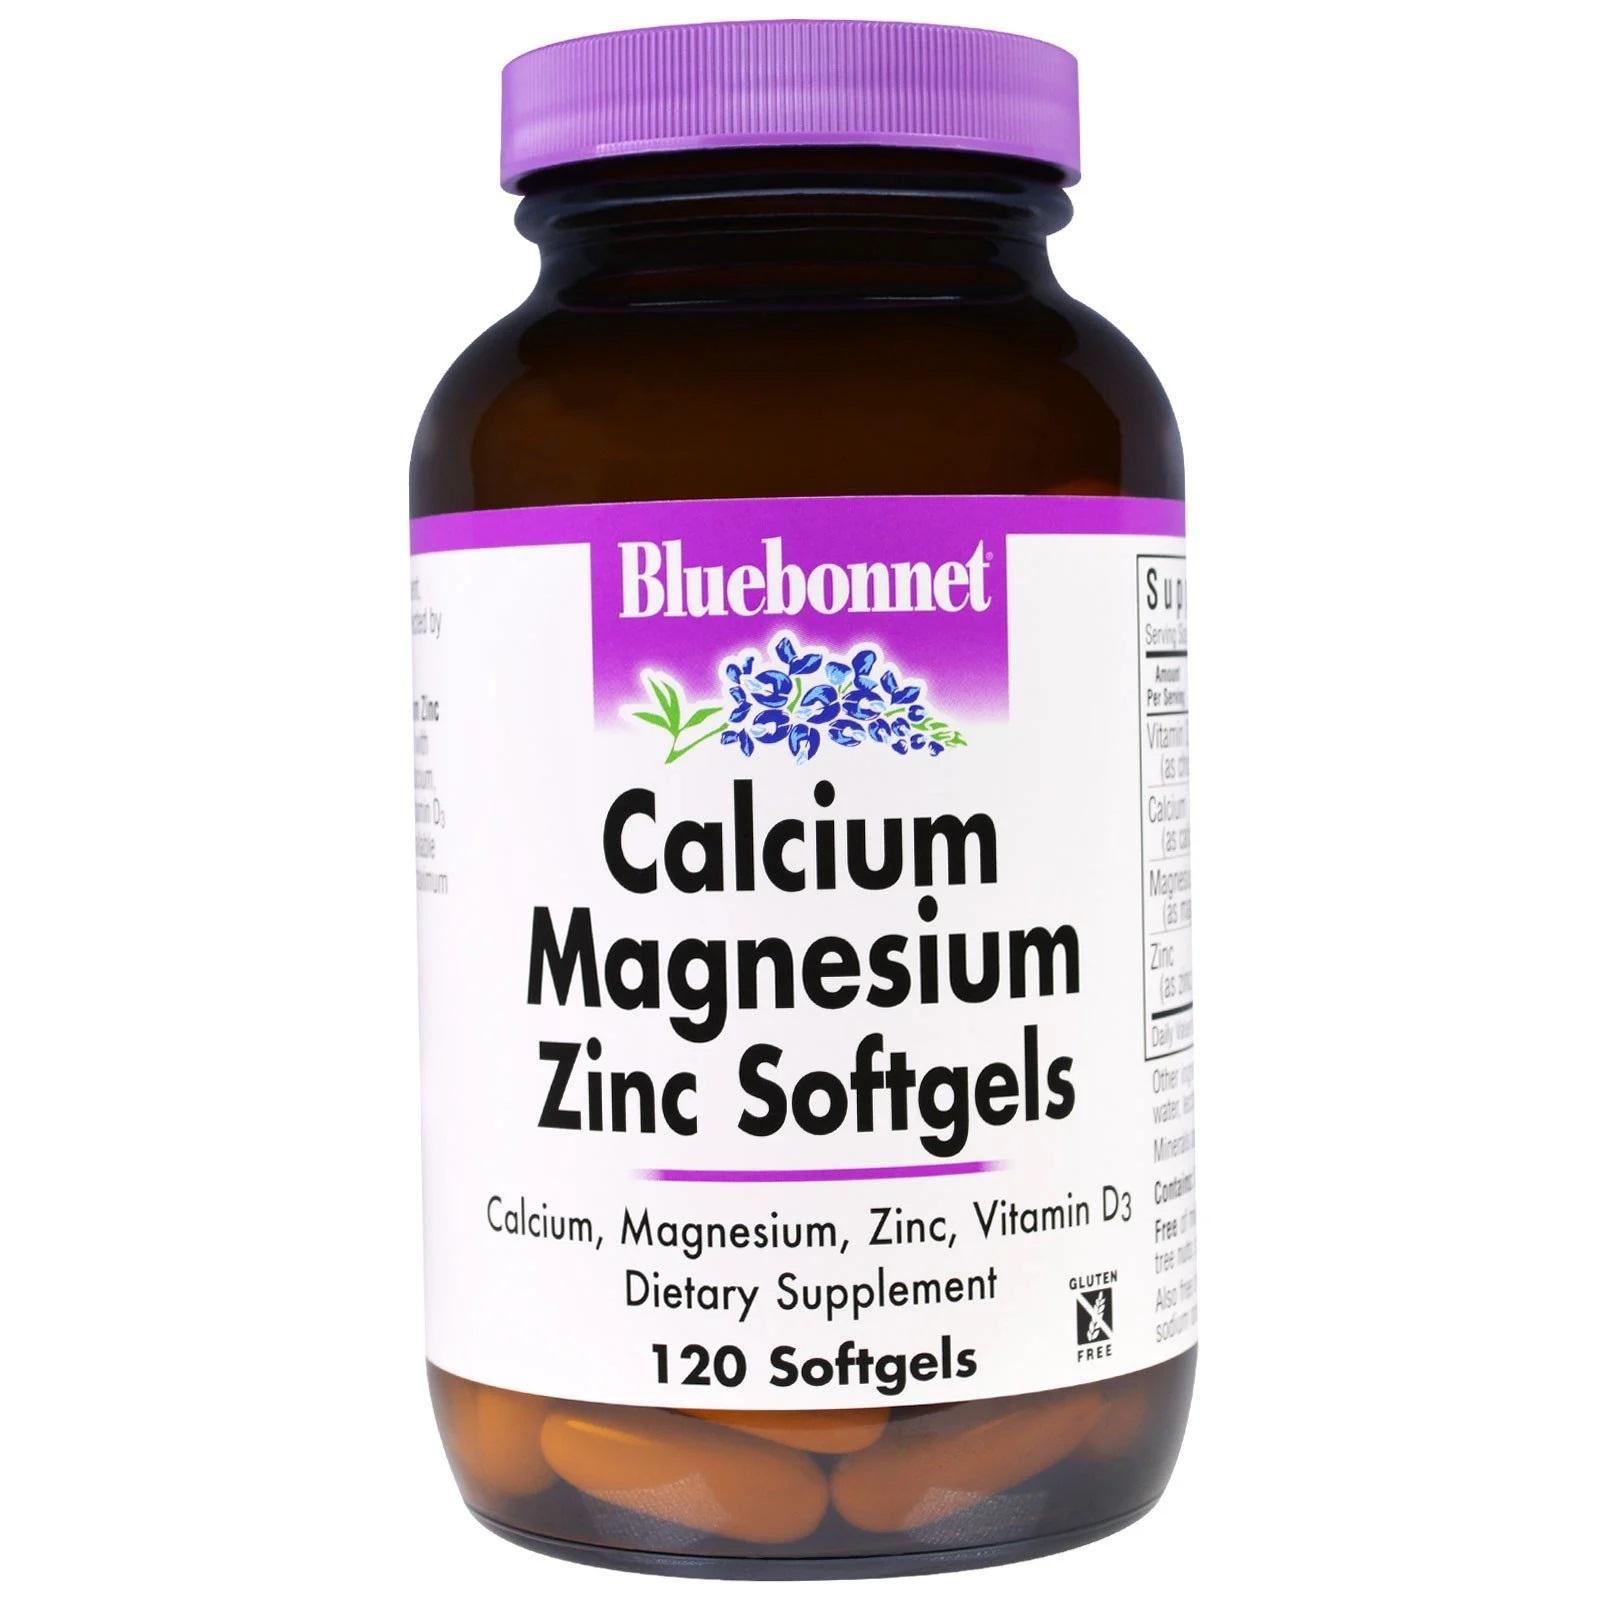 Image of Calcium Magnesium Zinc (120 softgels) - Bluebonnet Nutrition